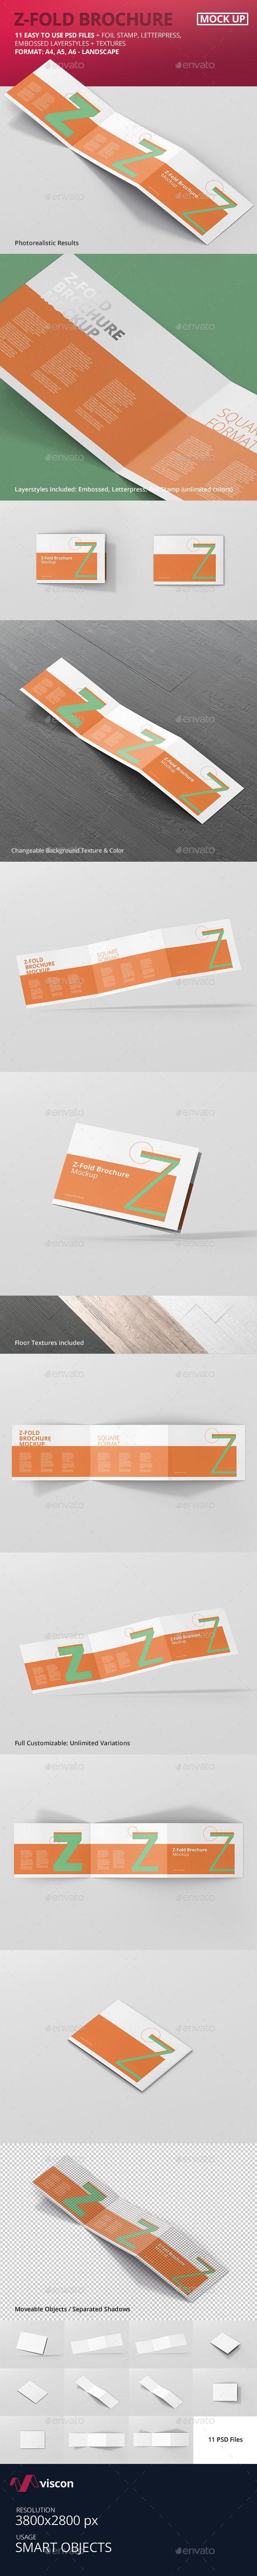 Z-Fold Brochure Mockup - Landscape Din A4 A5 A6 | Mockups